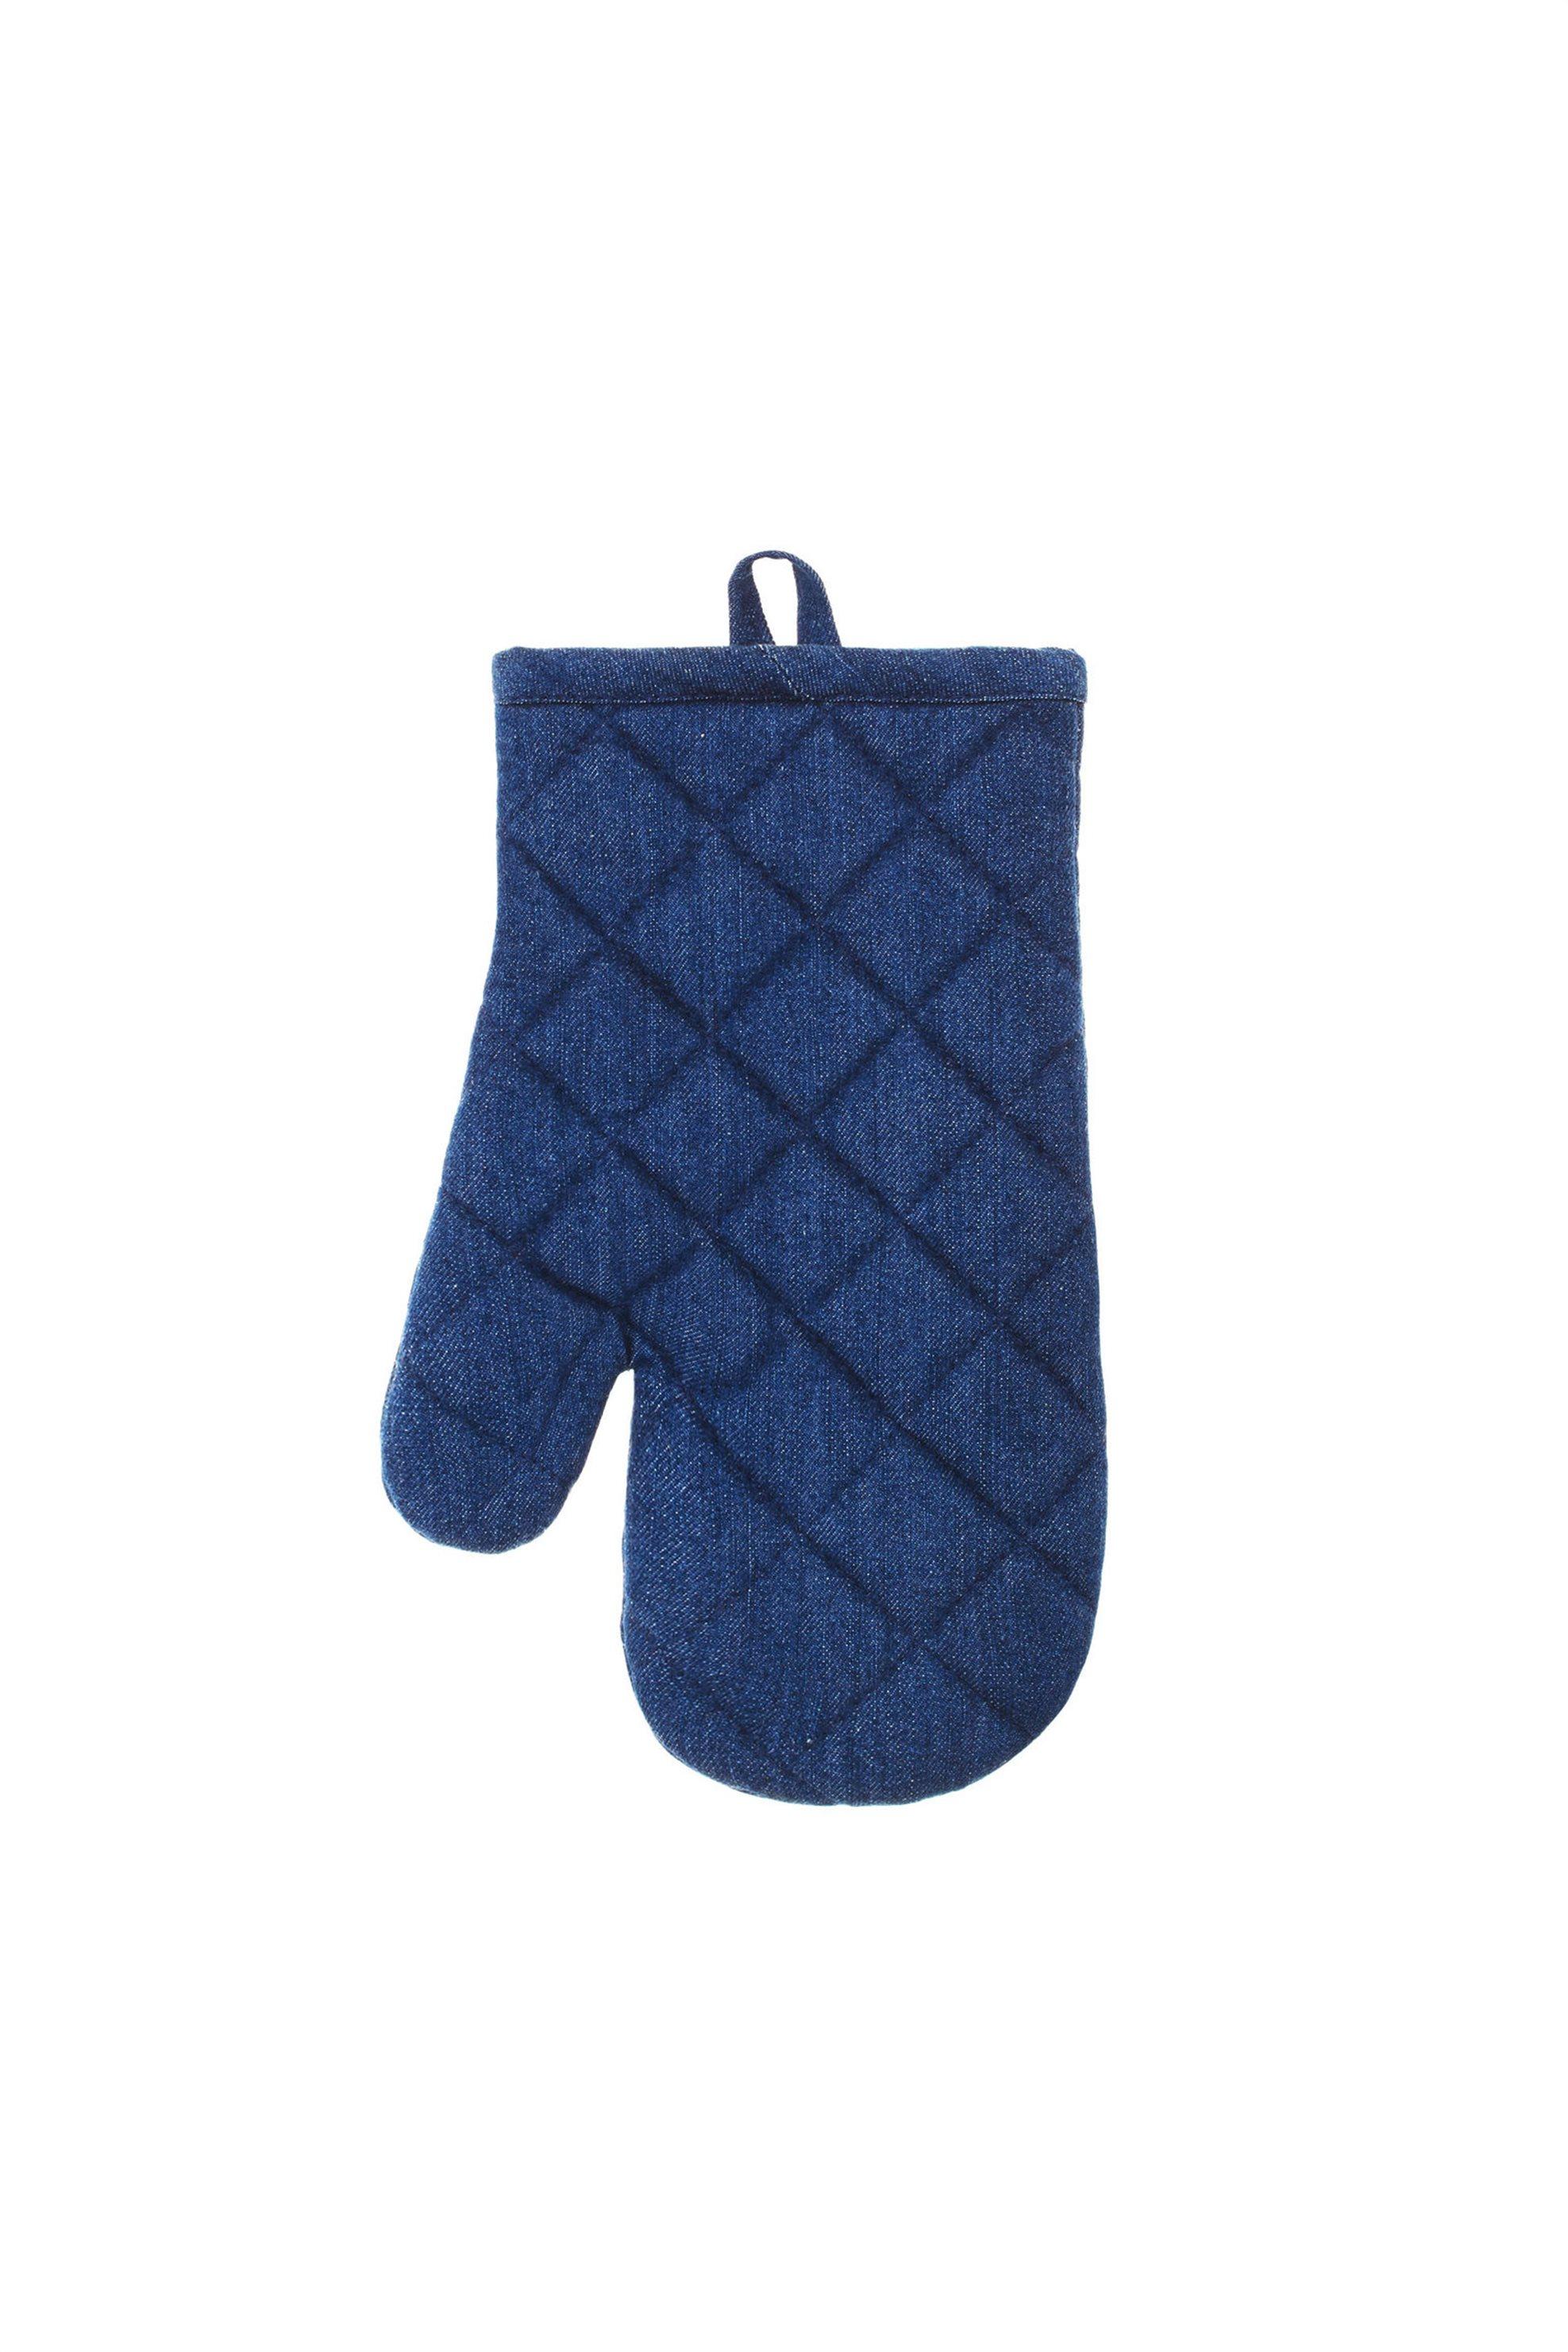 Γάντι φούρνου denim 28χ18 Coincasa - 000494792 - Μπλε home   κουζινα   αξεσουάρ kουζίνας   γάντια   πιάστρες κουζίνας